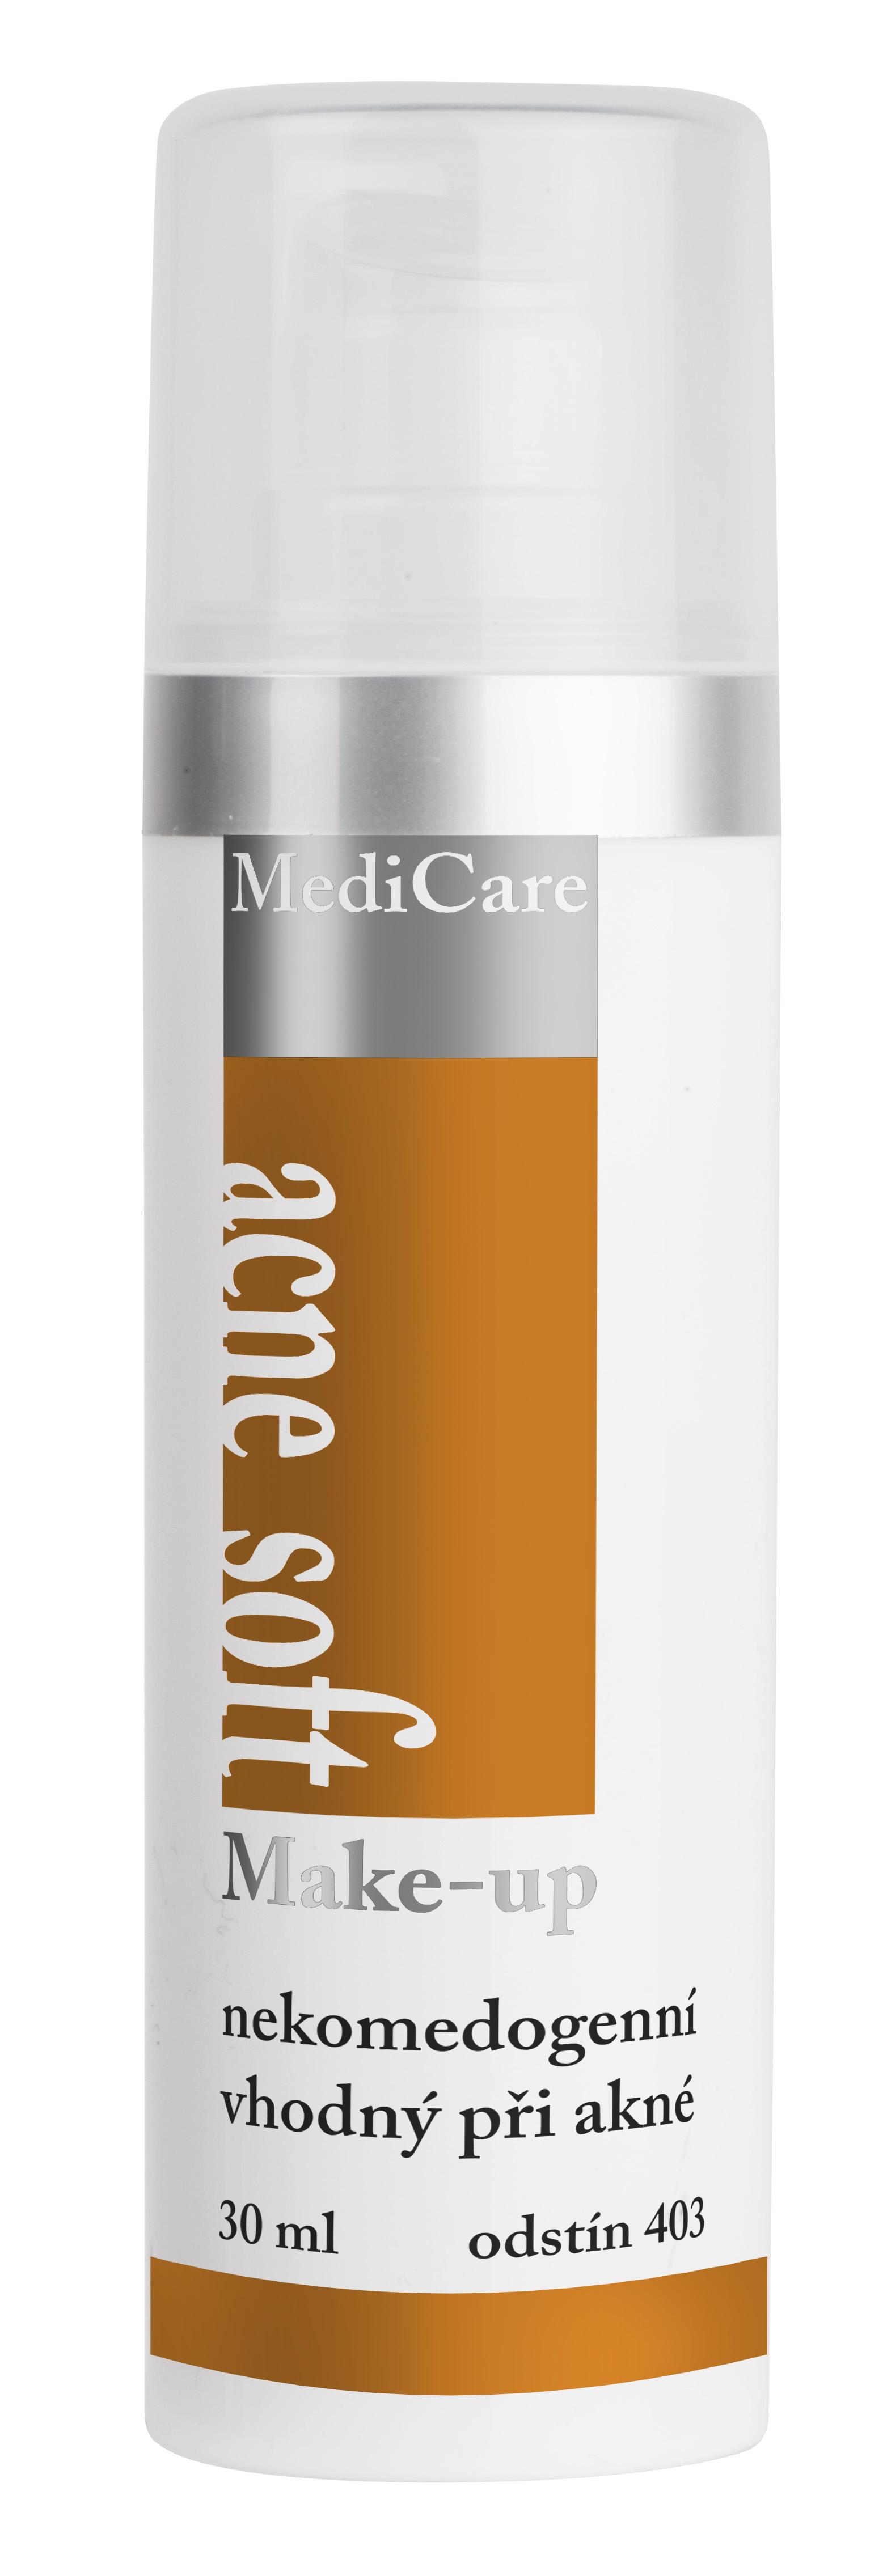 Syncare AcneSoft make-up pro pleť s akné 403 30 ml + DOPRAVA ZDARMA po celý rok!